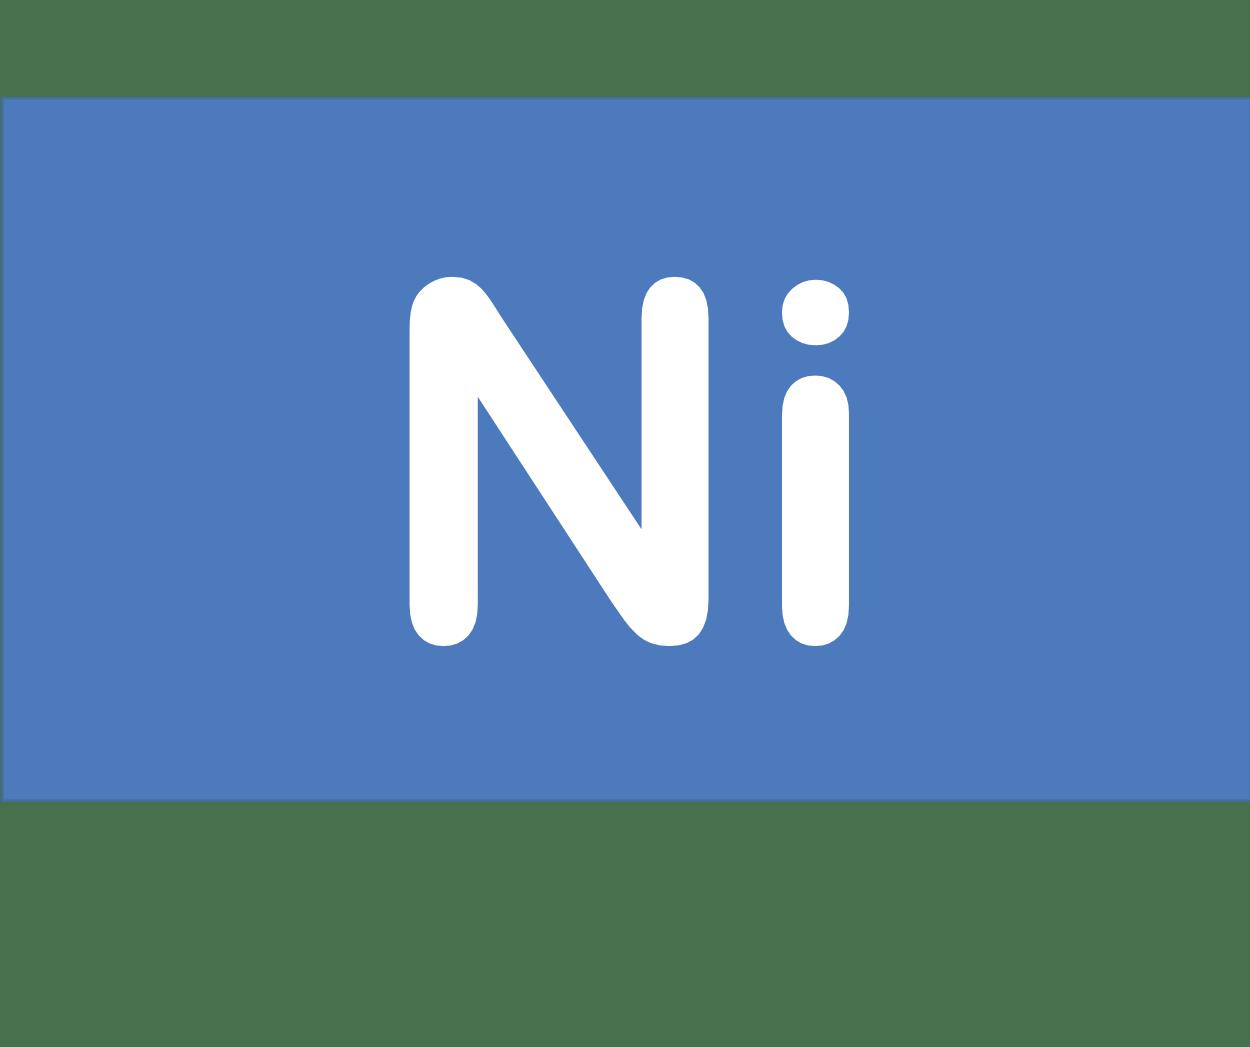 28 Ni ニッケル Nickel 元素 記号 周期表 化学 原子